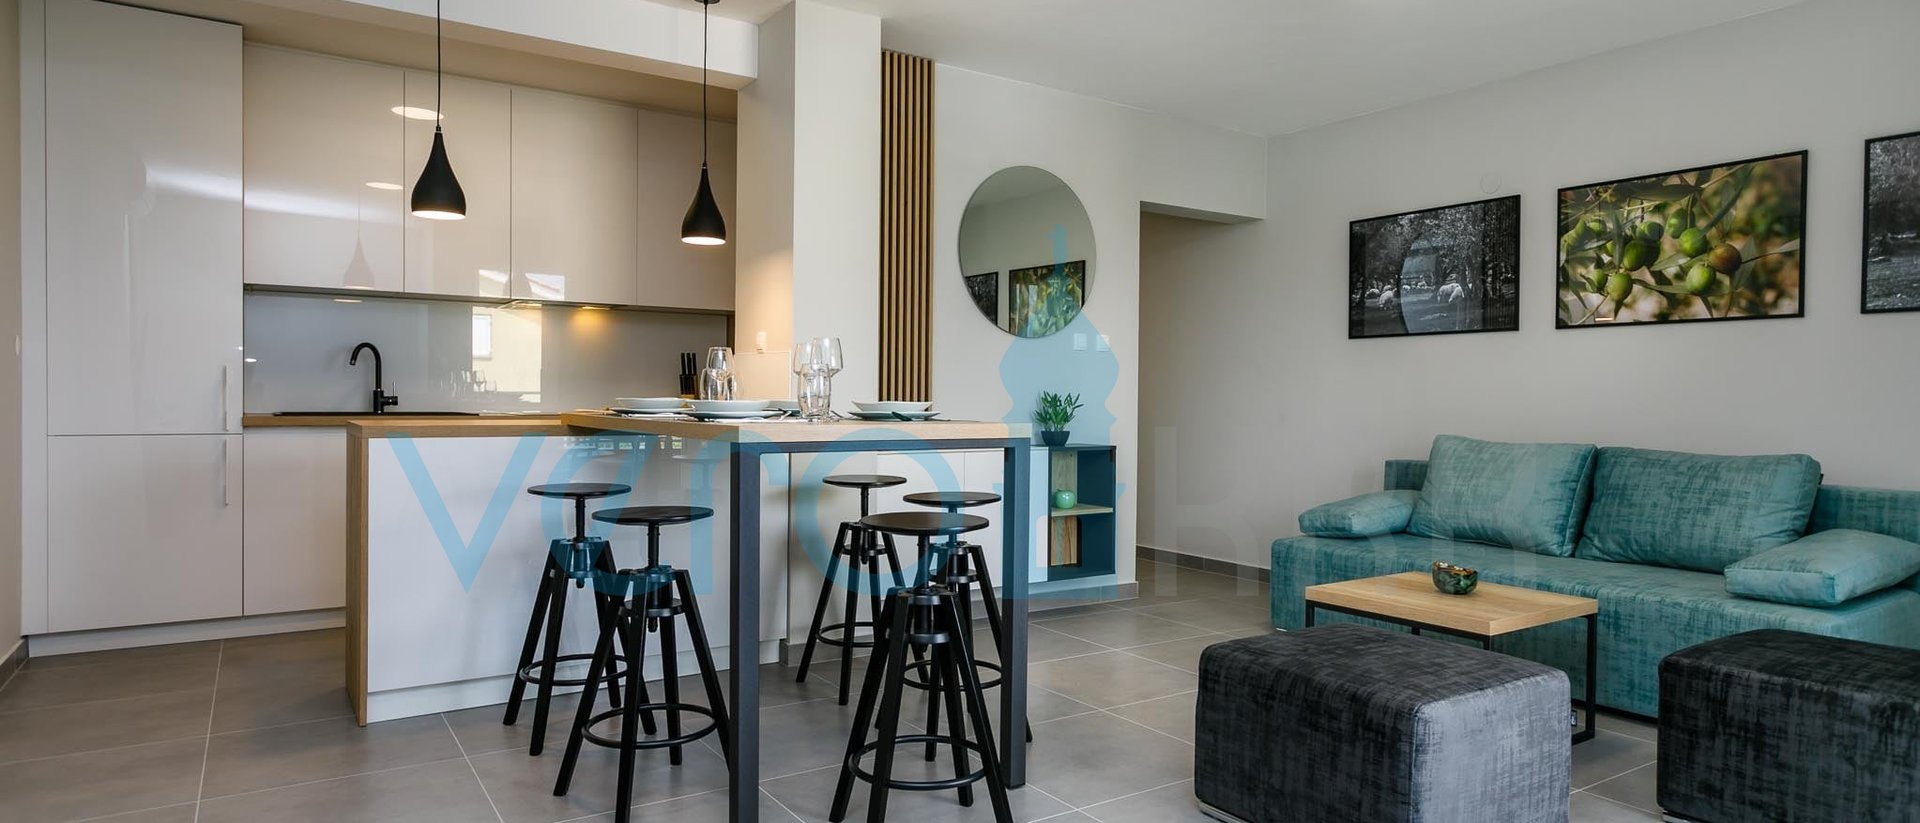 Klimno, otok Krk, kvalitetno namješten dvosobni stan na katu s pogledom na more